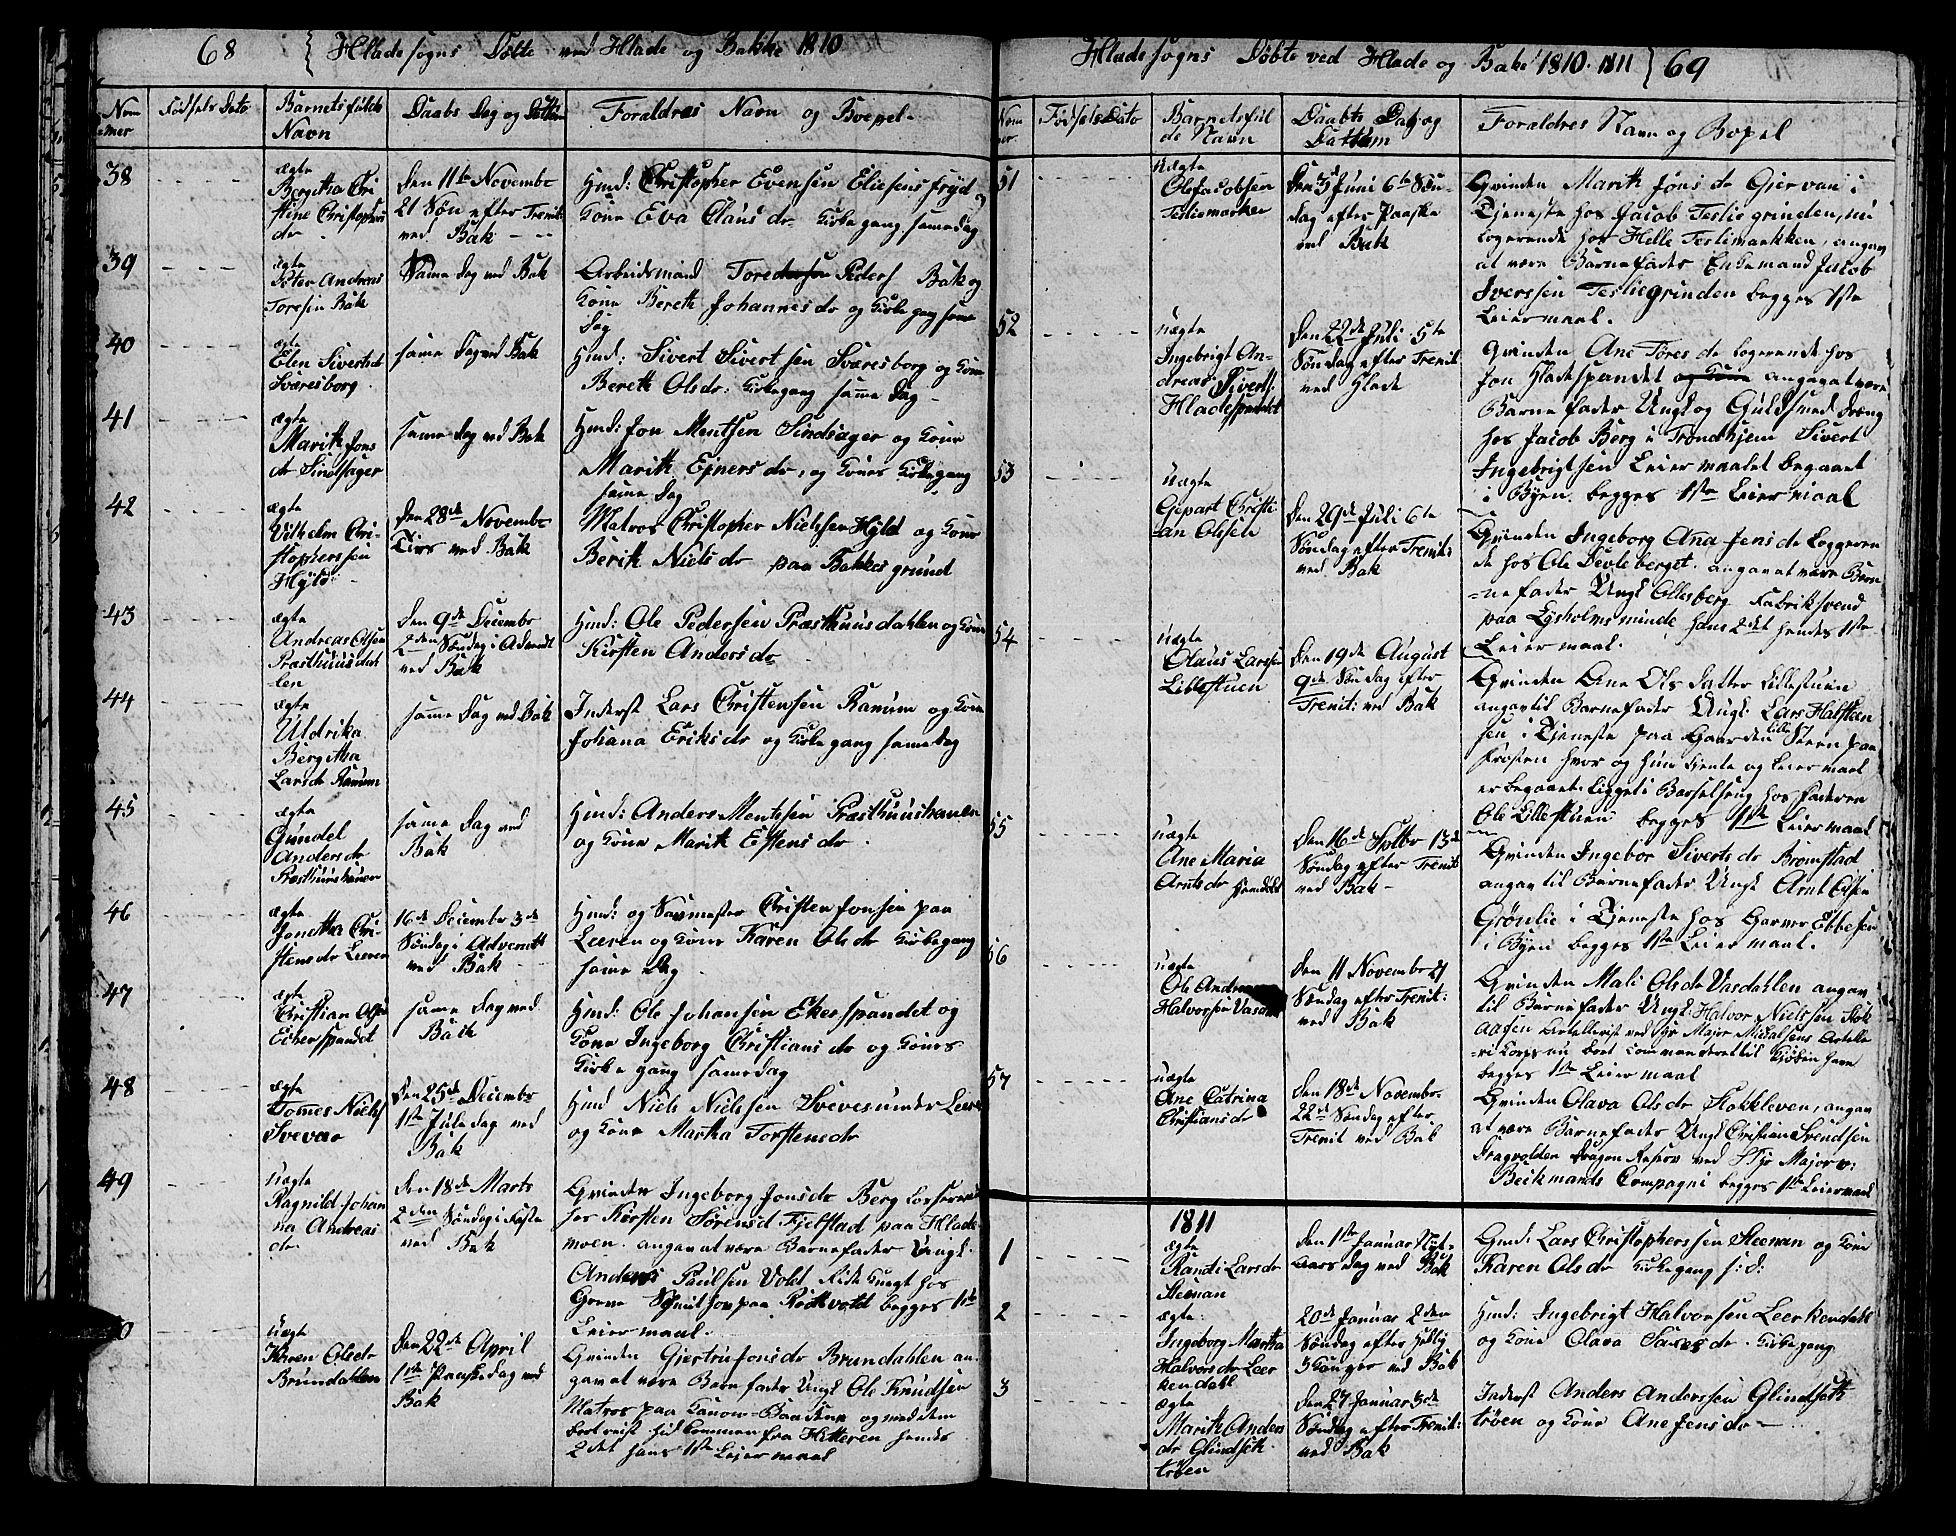 SAT, Ministerialprotokoller, klokkerbøker og fødselsregistre - Sør-Trøndelag, 606/L0306: Klokkerbok nr. 606C02, 1797-1829, s. 68-69